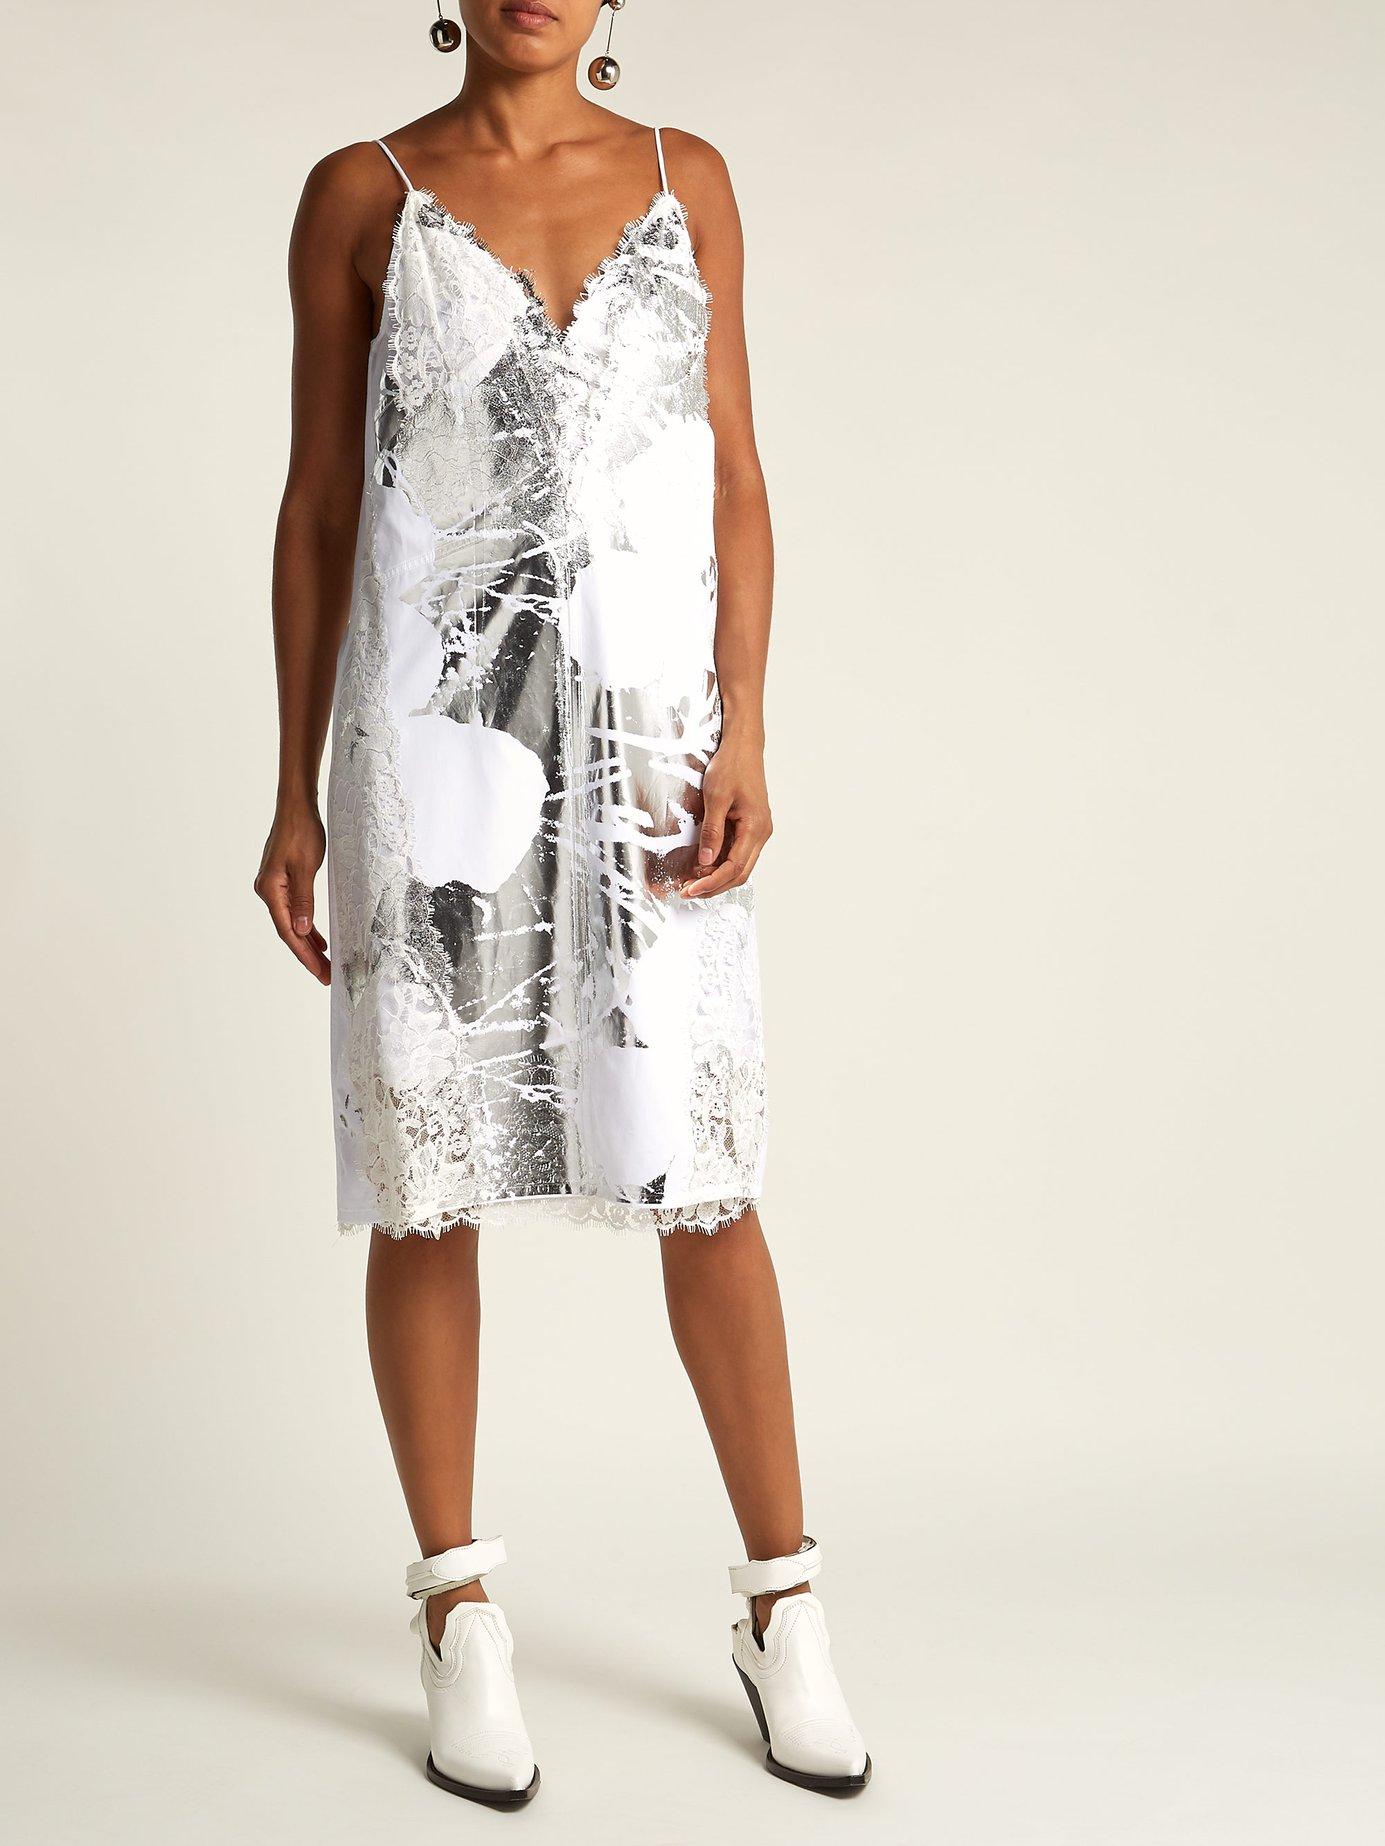 White cotton foil-print Andy Warhol dress by Calvin Klein 205W39Nyc